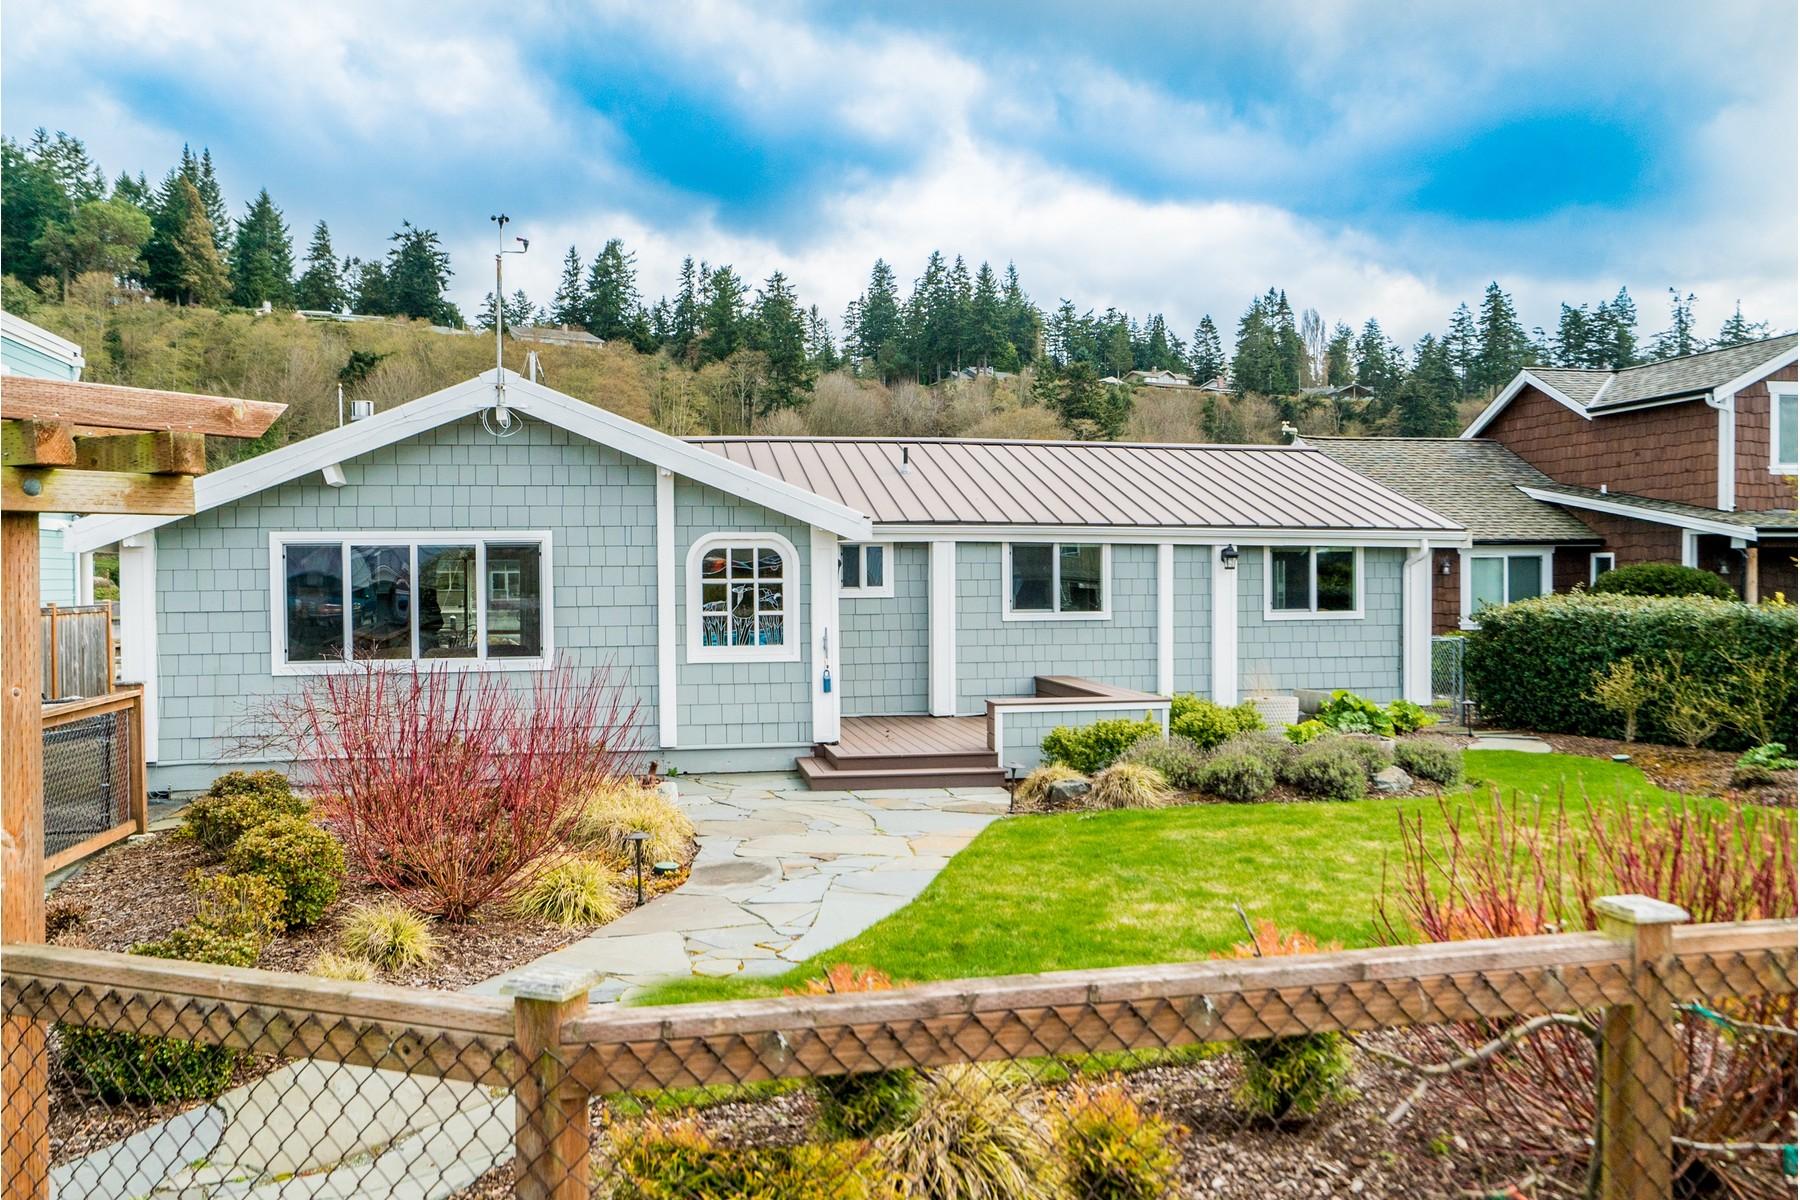 Casa Unifamiliar por un Venta en Lagoon Point Waterfront cabin 3725 Steelhead Dr Greenbank, Washington, 98253 Estados Unidos